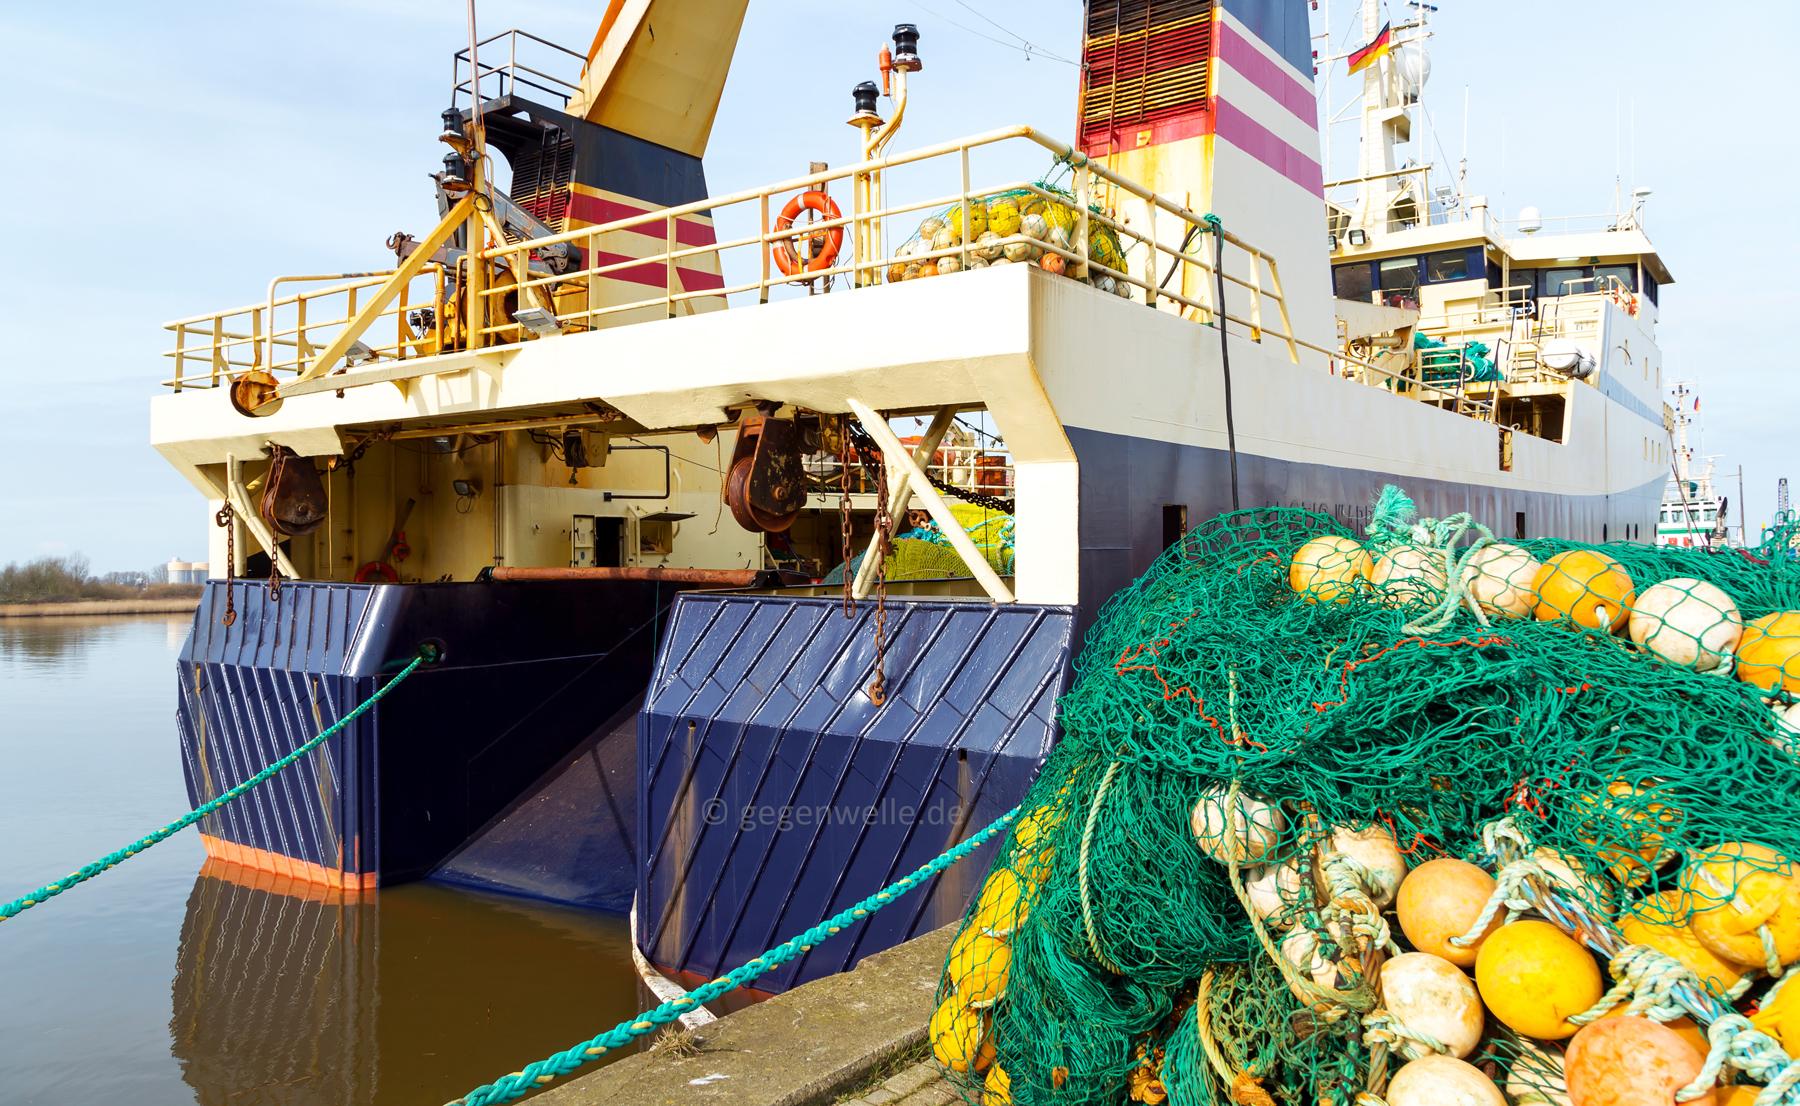 Überfischung in der Nordsee